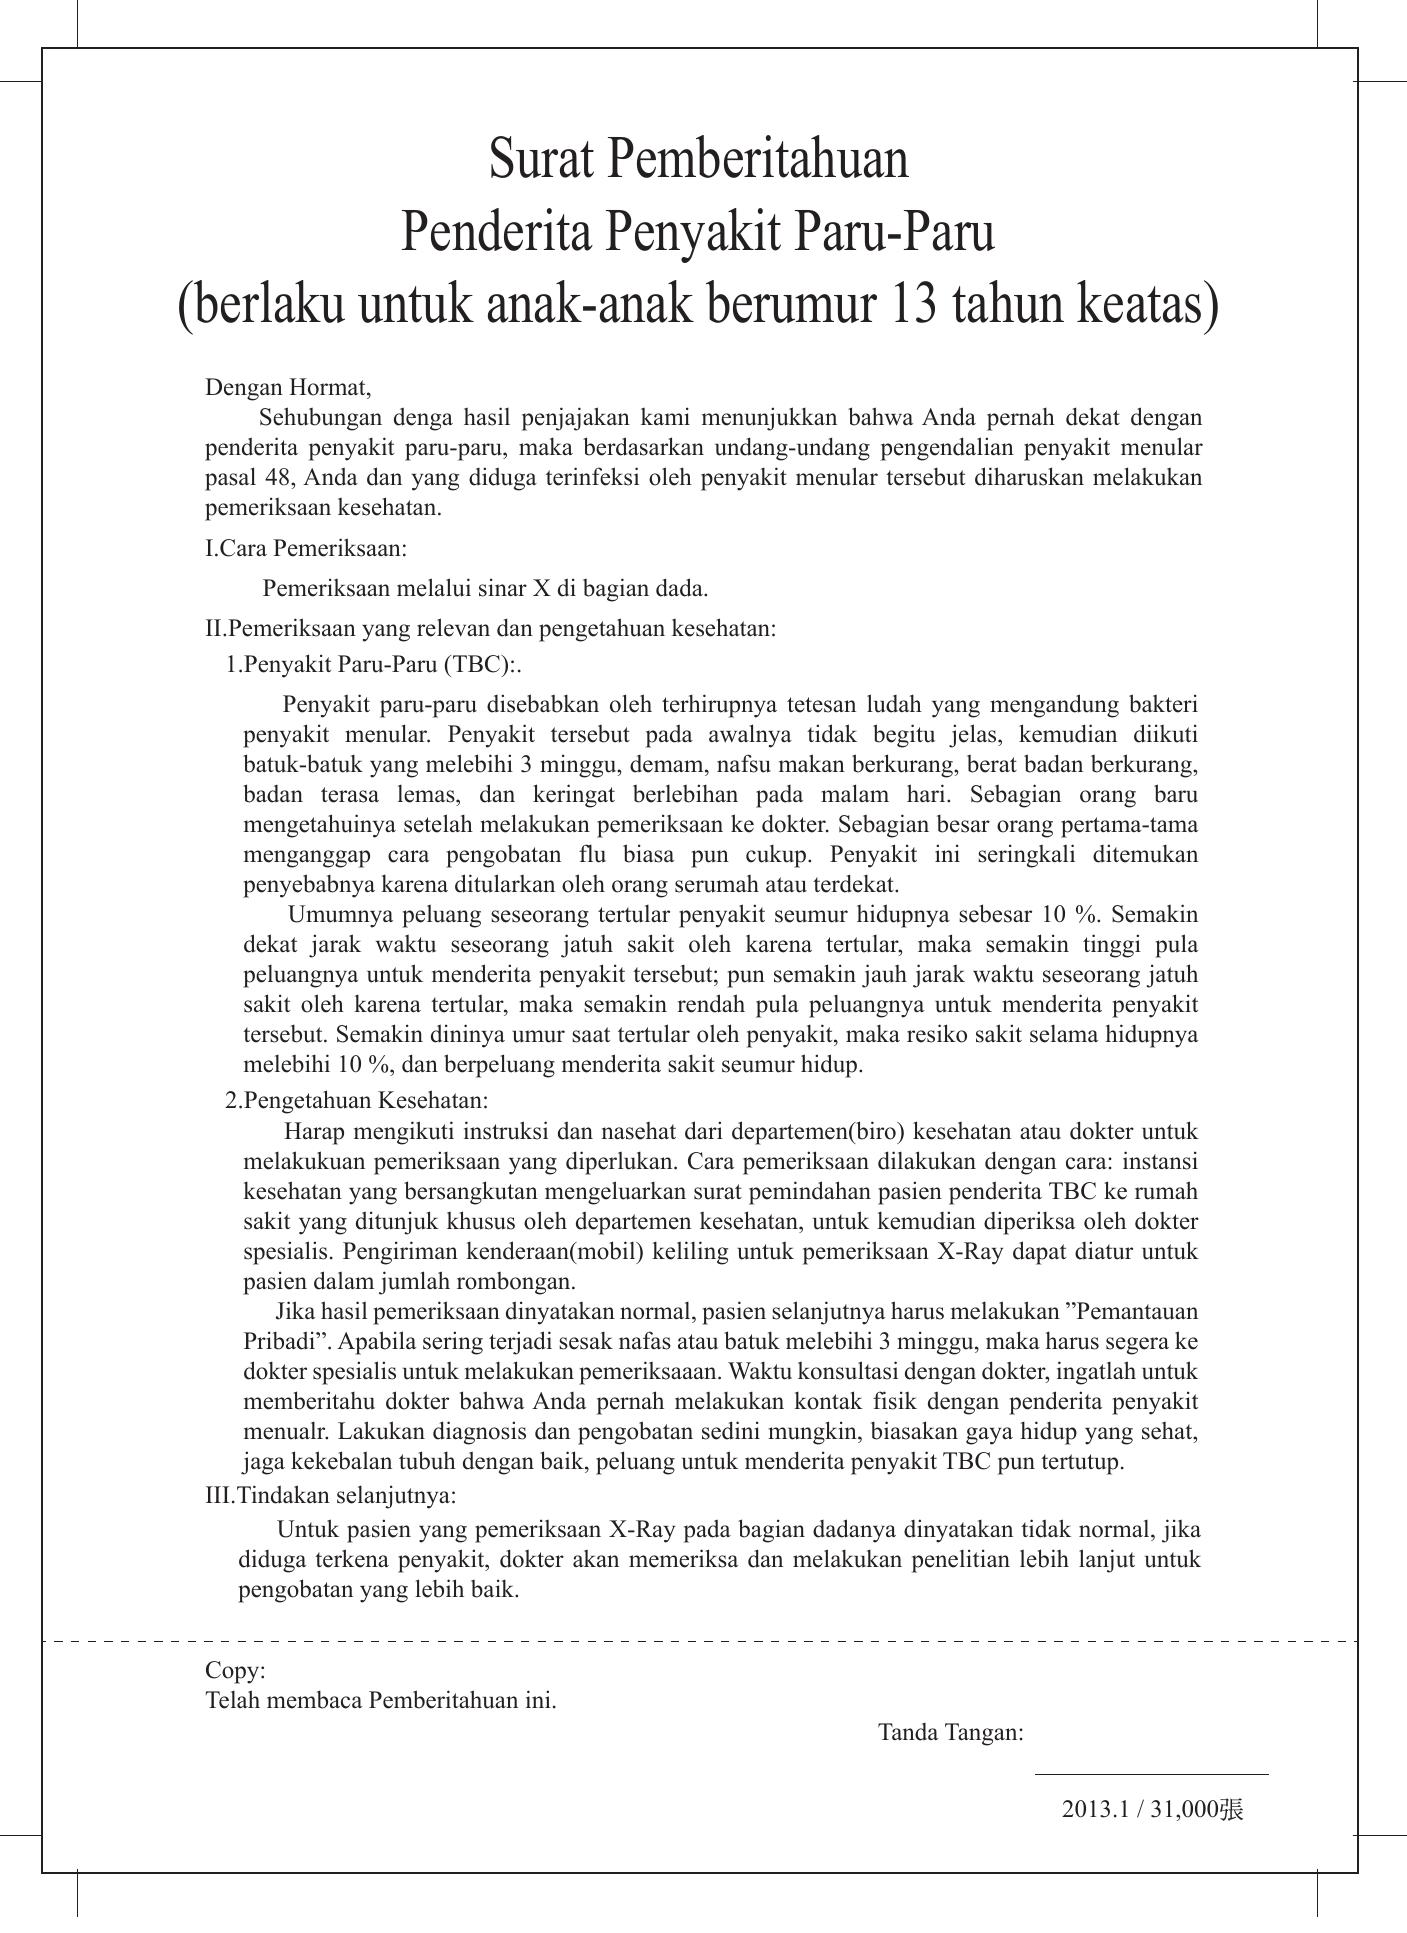 Surat Pemberitahuan Penderita Penyakit Paru